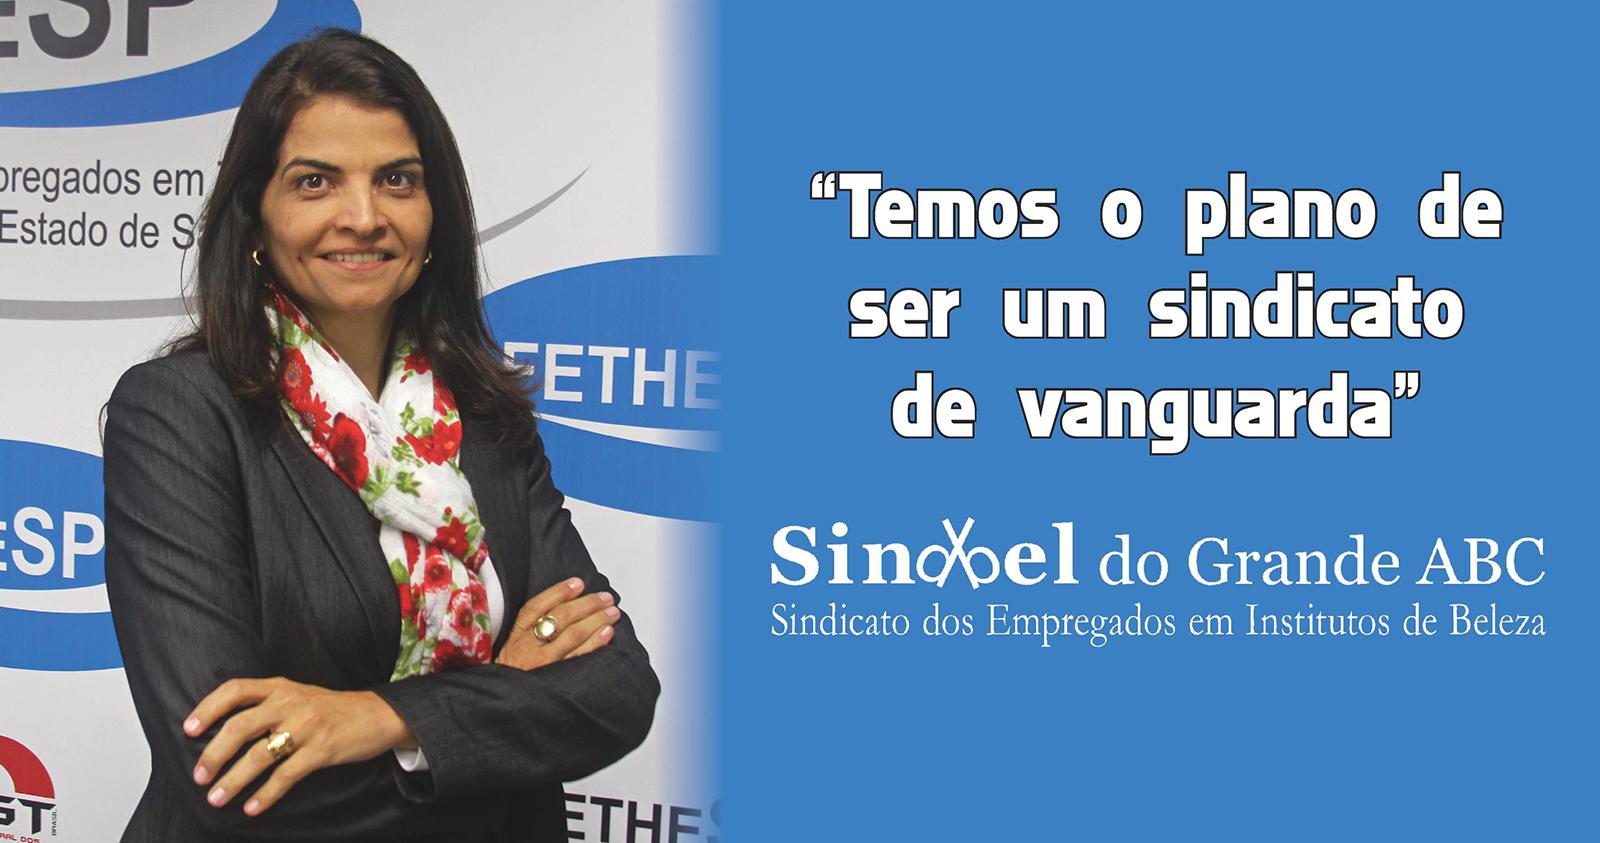 Entrevista com Débora Simão, presidente do Sindbel